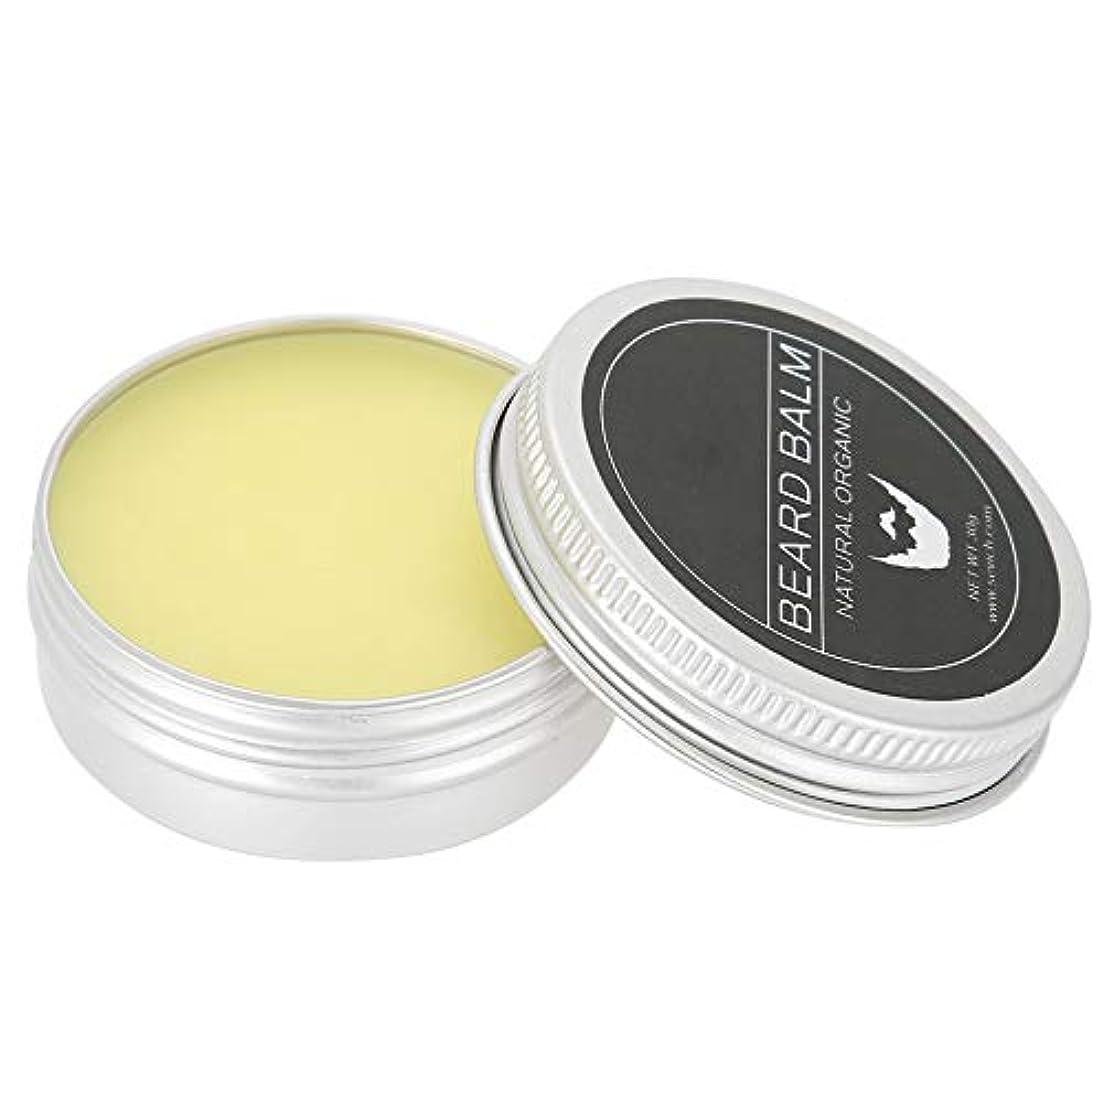 ひげグルーミングバーム、口ひげ保湿ワックス抽出植物抽出物ひげを理想的な贈り物に強化し、柔らかくします